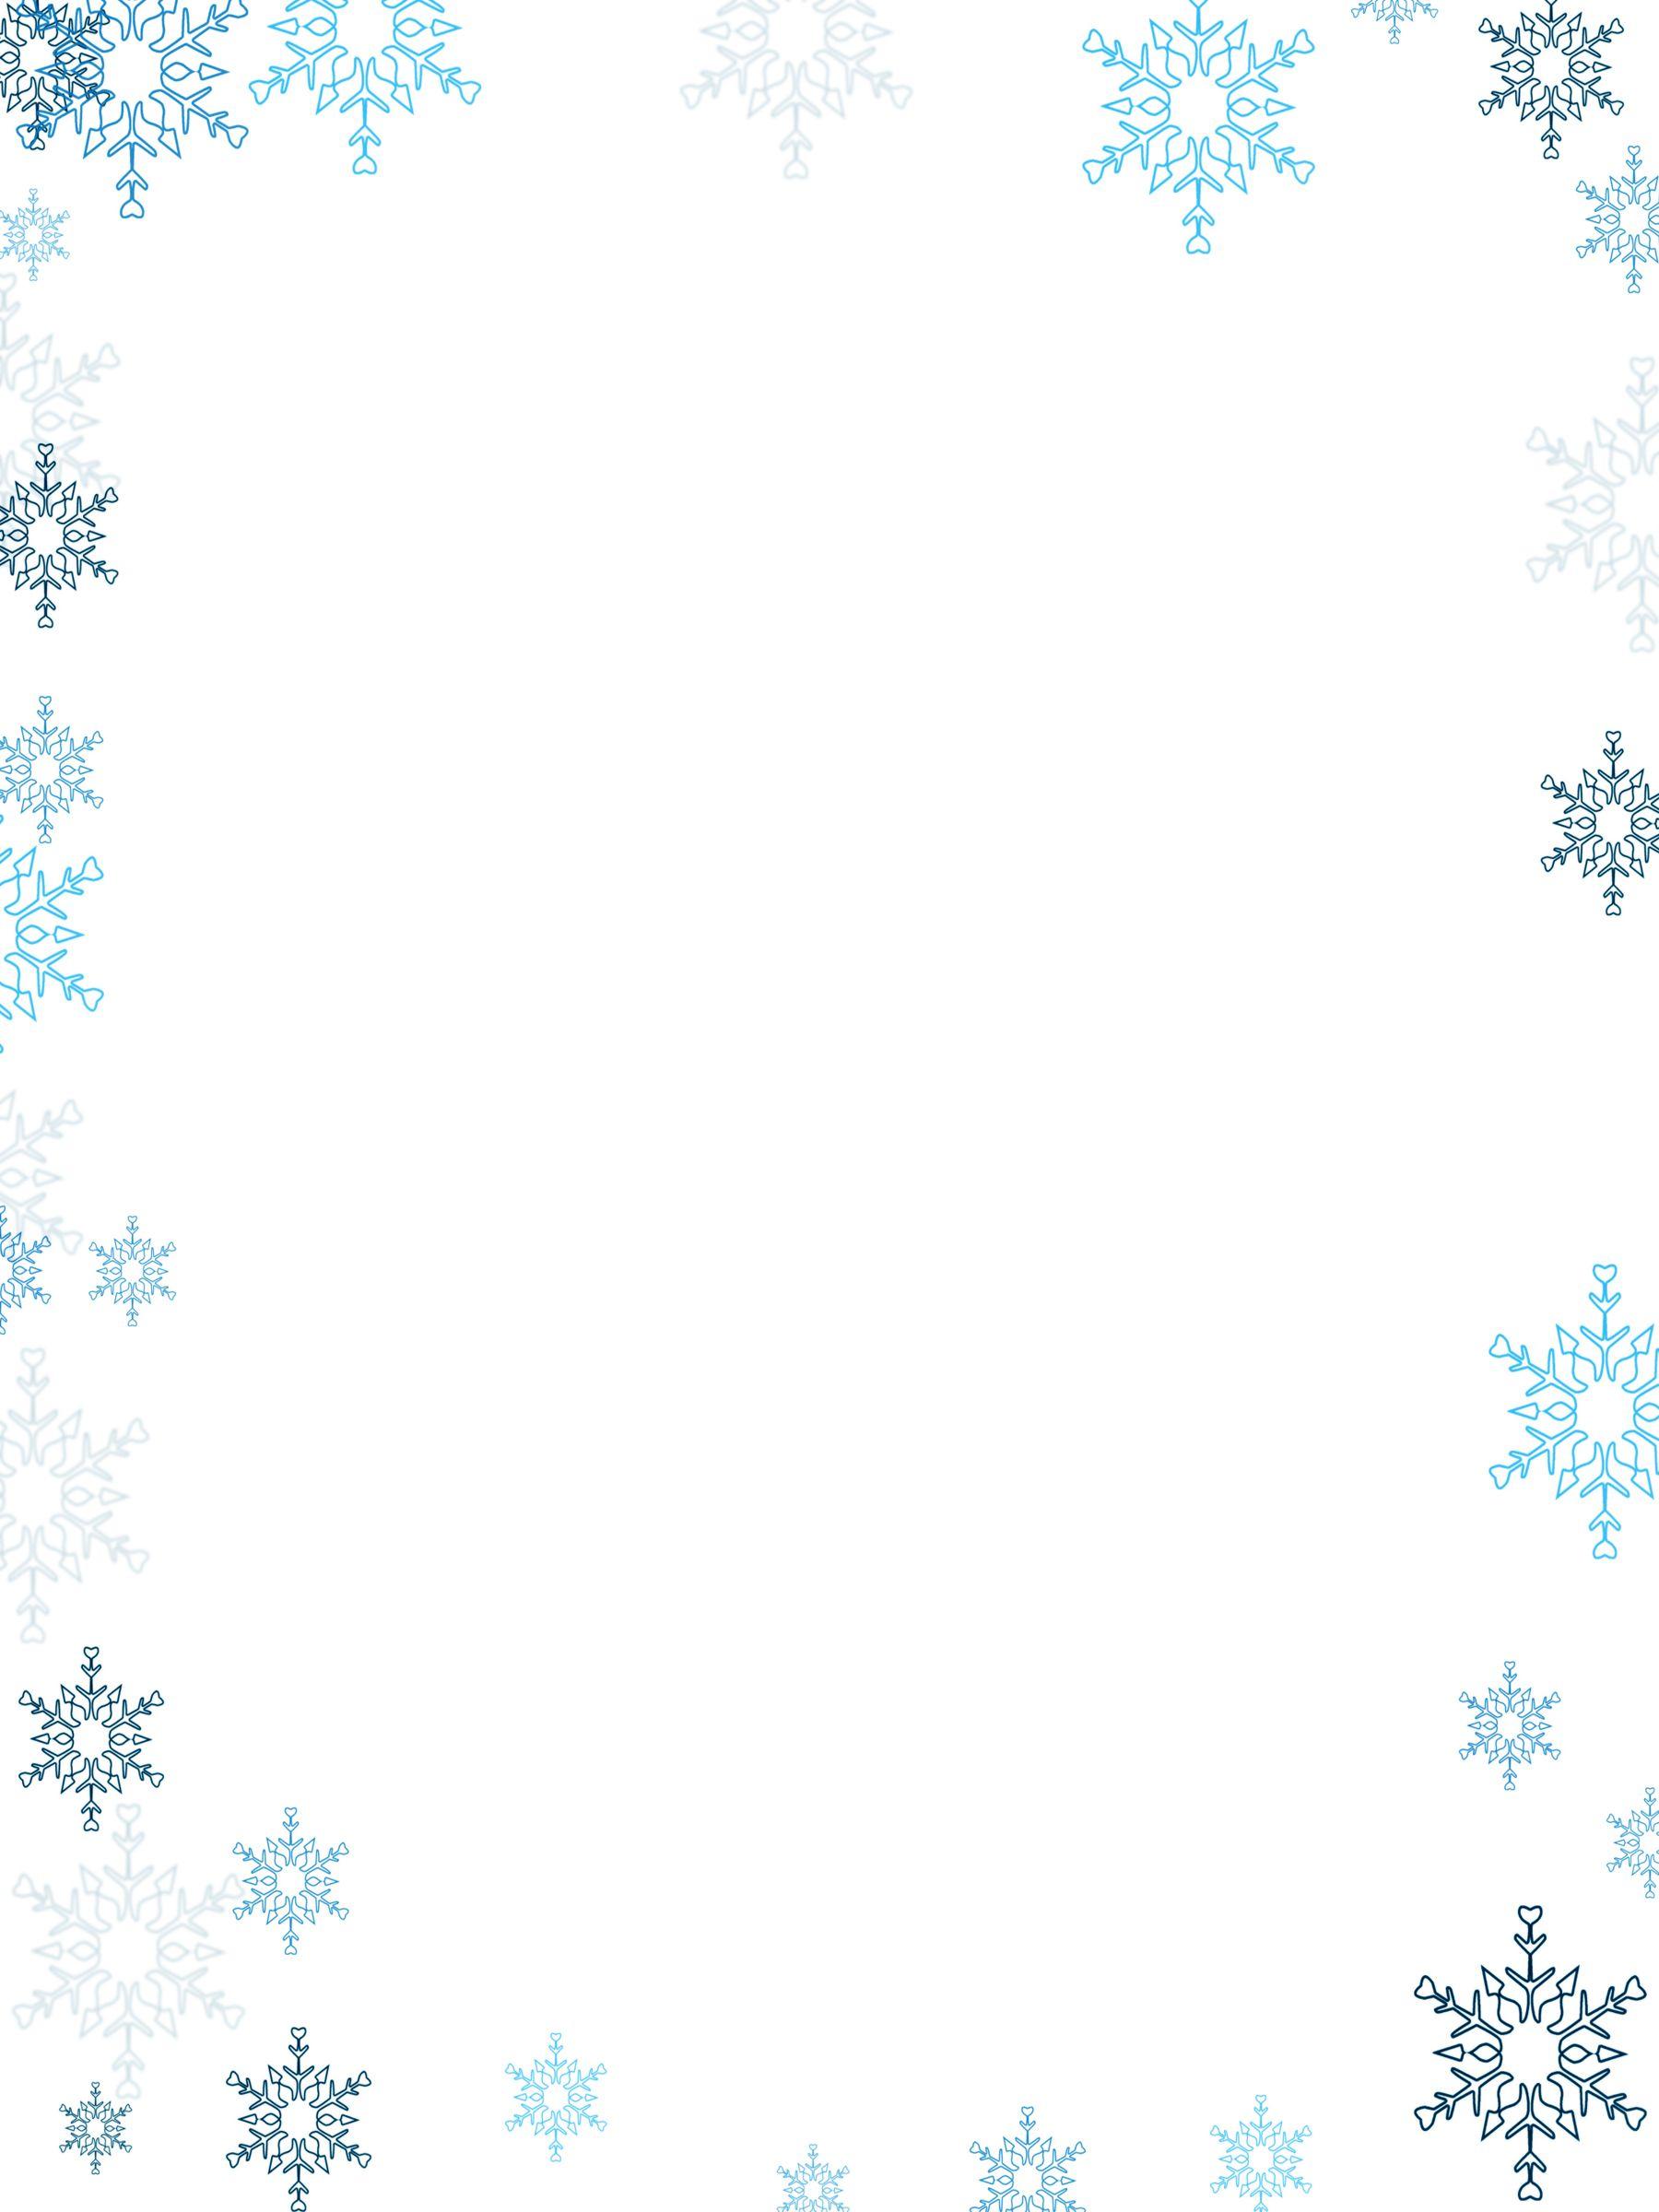 картинки рамок из снежинок людей